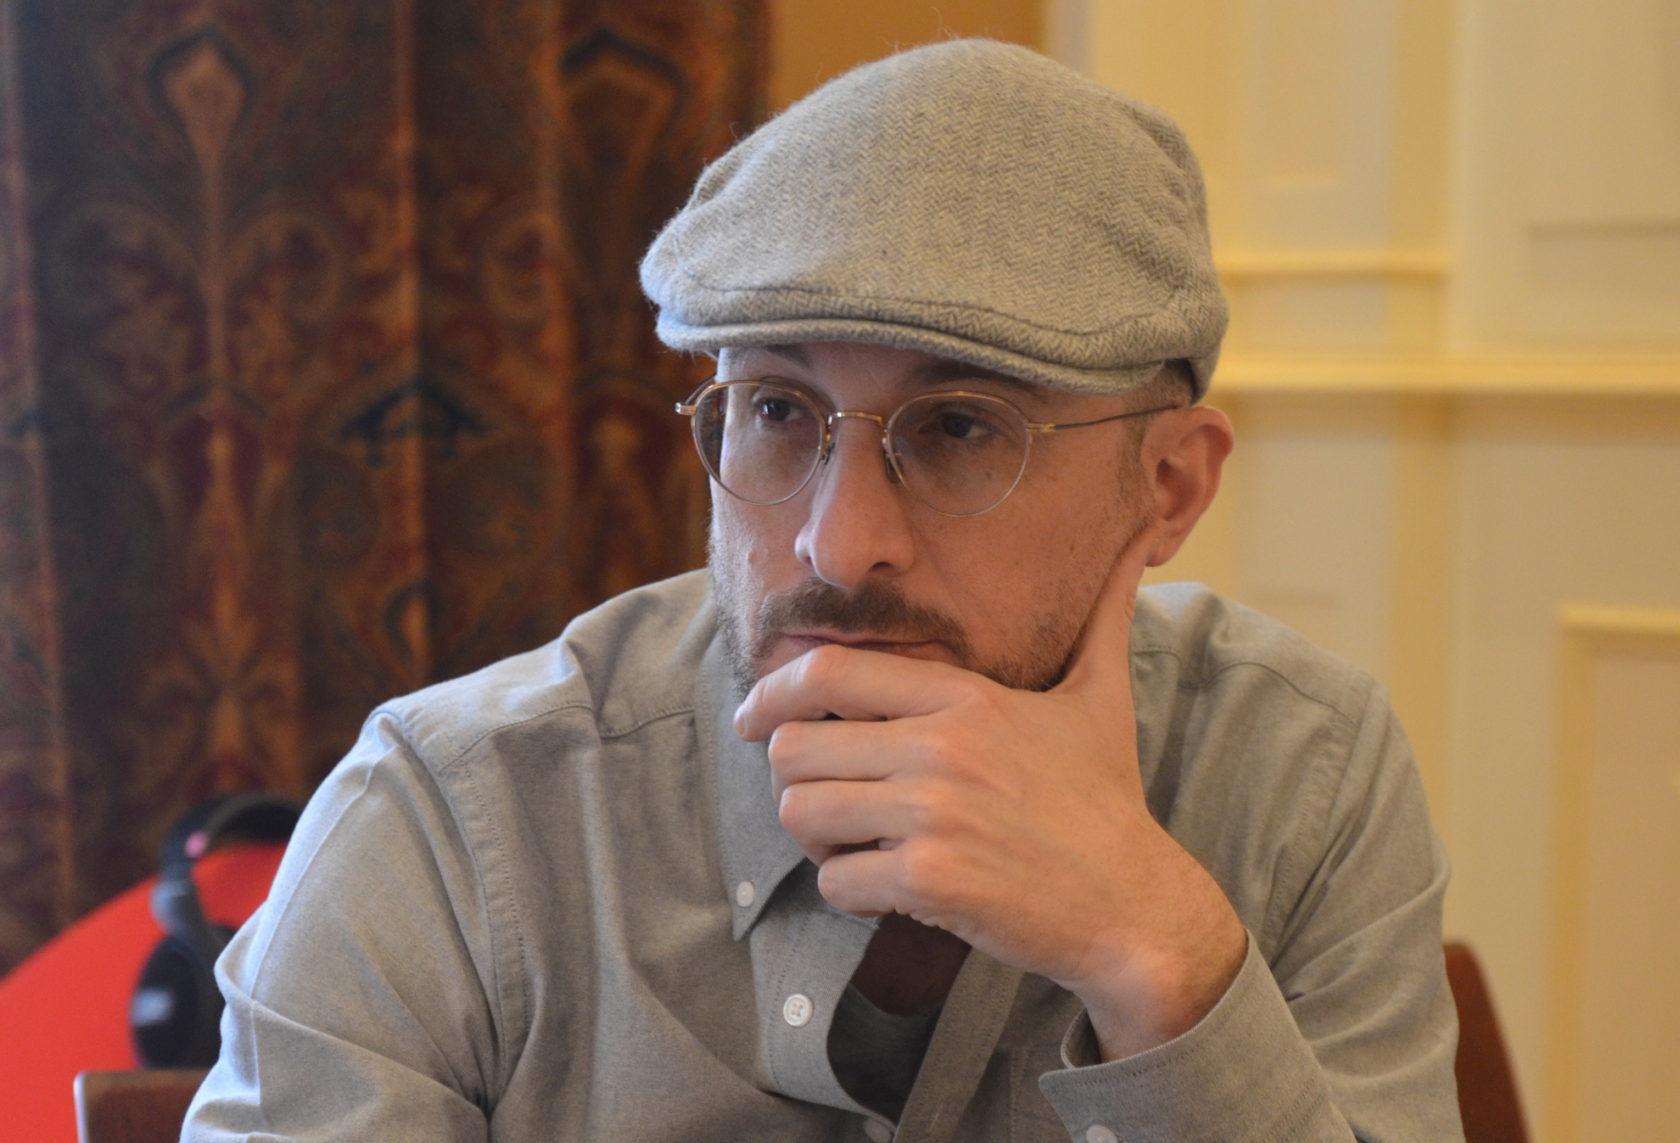 Rencontre avec Olivier KOVARSKI, Directeur du campus de Deauville.